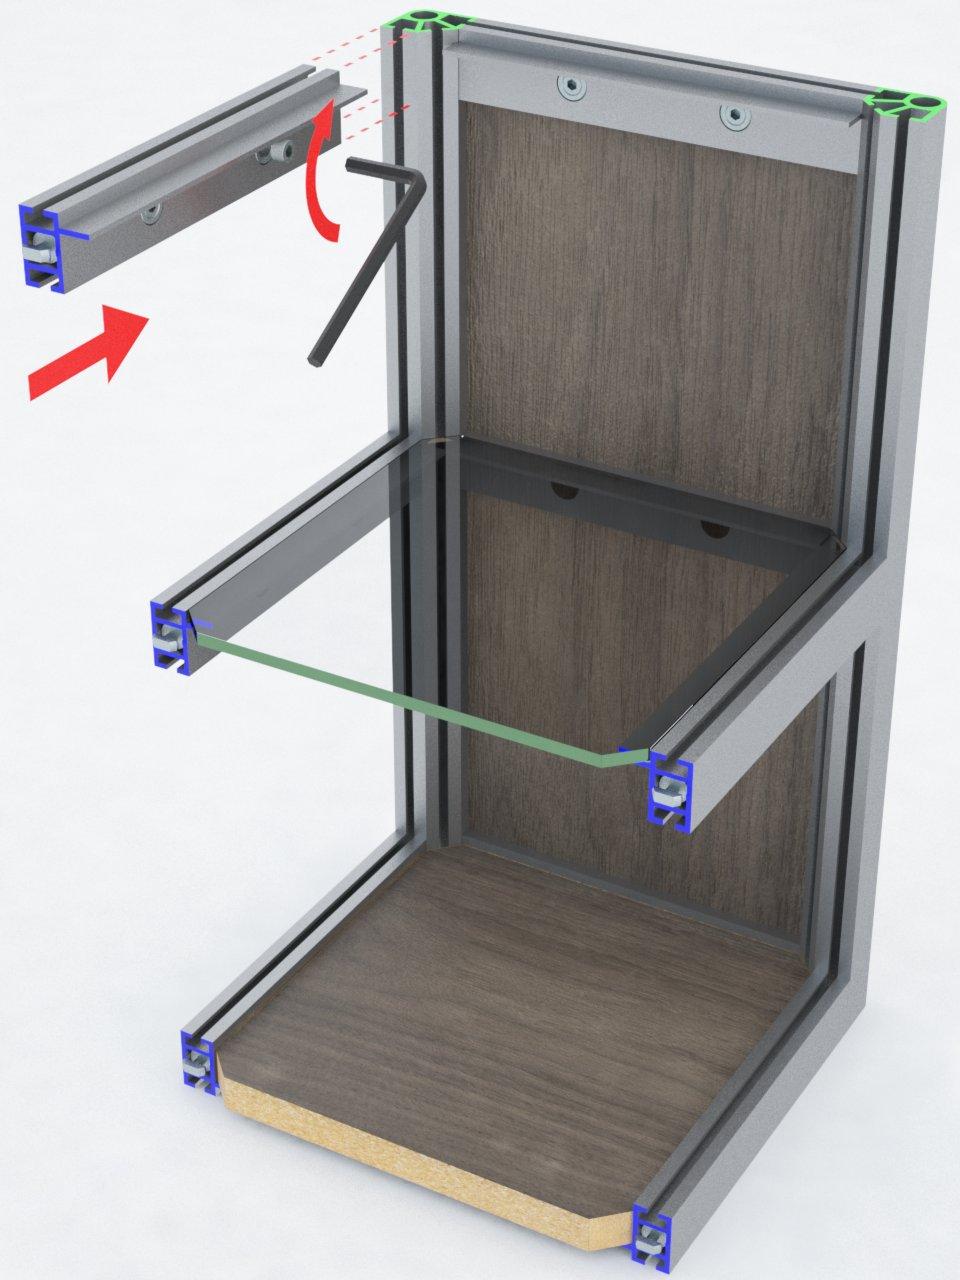 Perfil de travessa T280A para montagem de estruturas em alumínio com prateleiras de vidro ou mdf